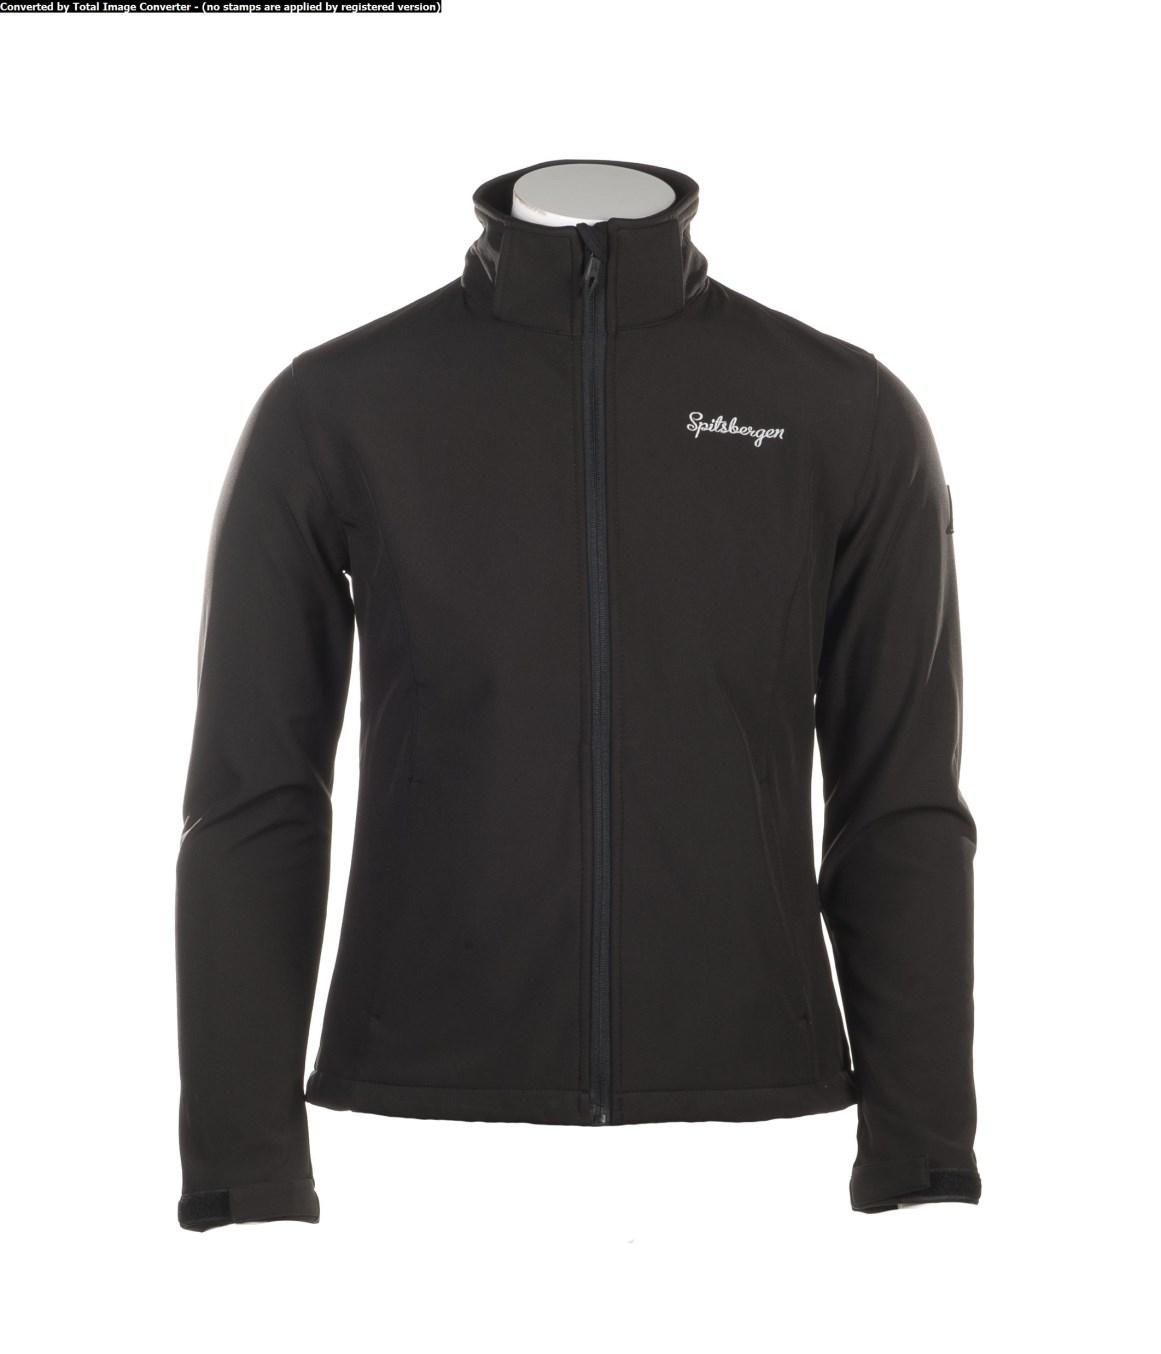 herren softshell spitsbergen sportjacke softshelljacke ski jacke jacket black. Black Bedroom Furniture Sets. Home Design Ideas